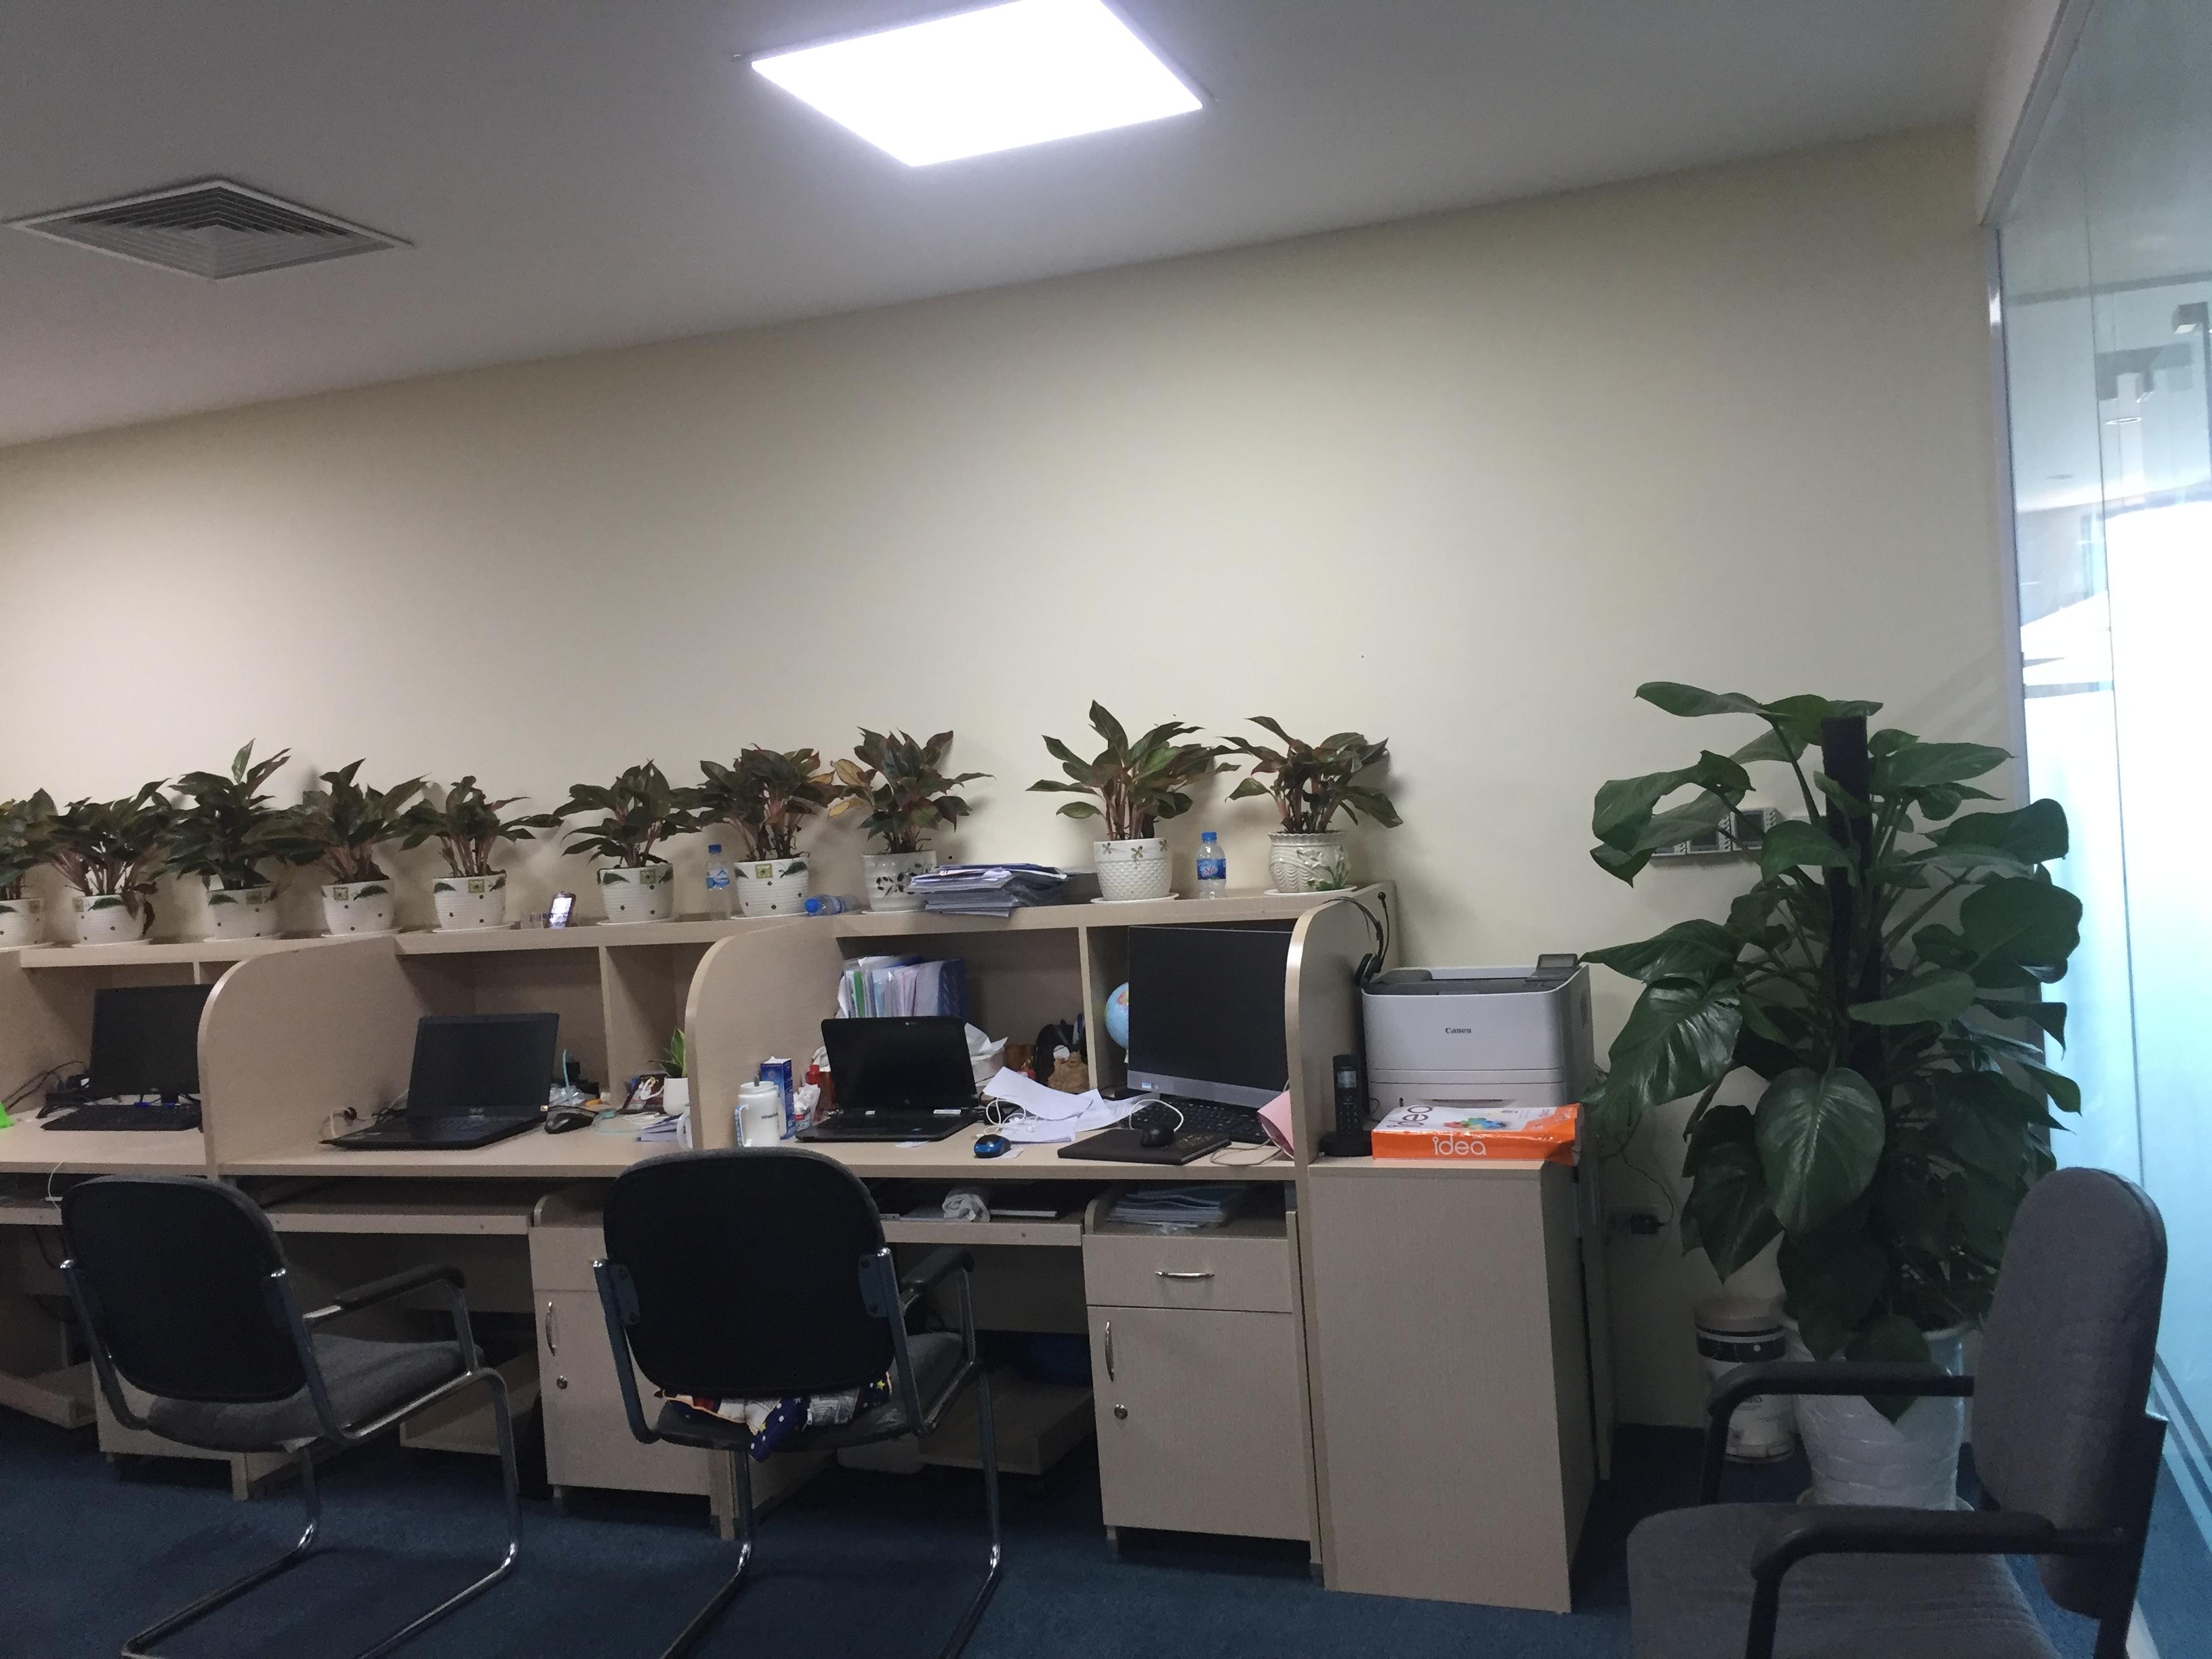 Cho thuê chăm sóc cây cảnh tại 150 phố vọng